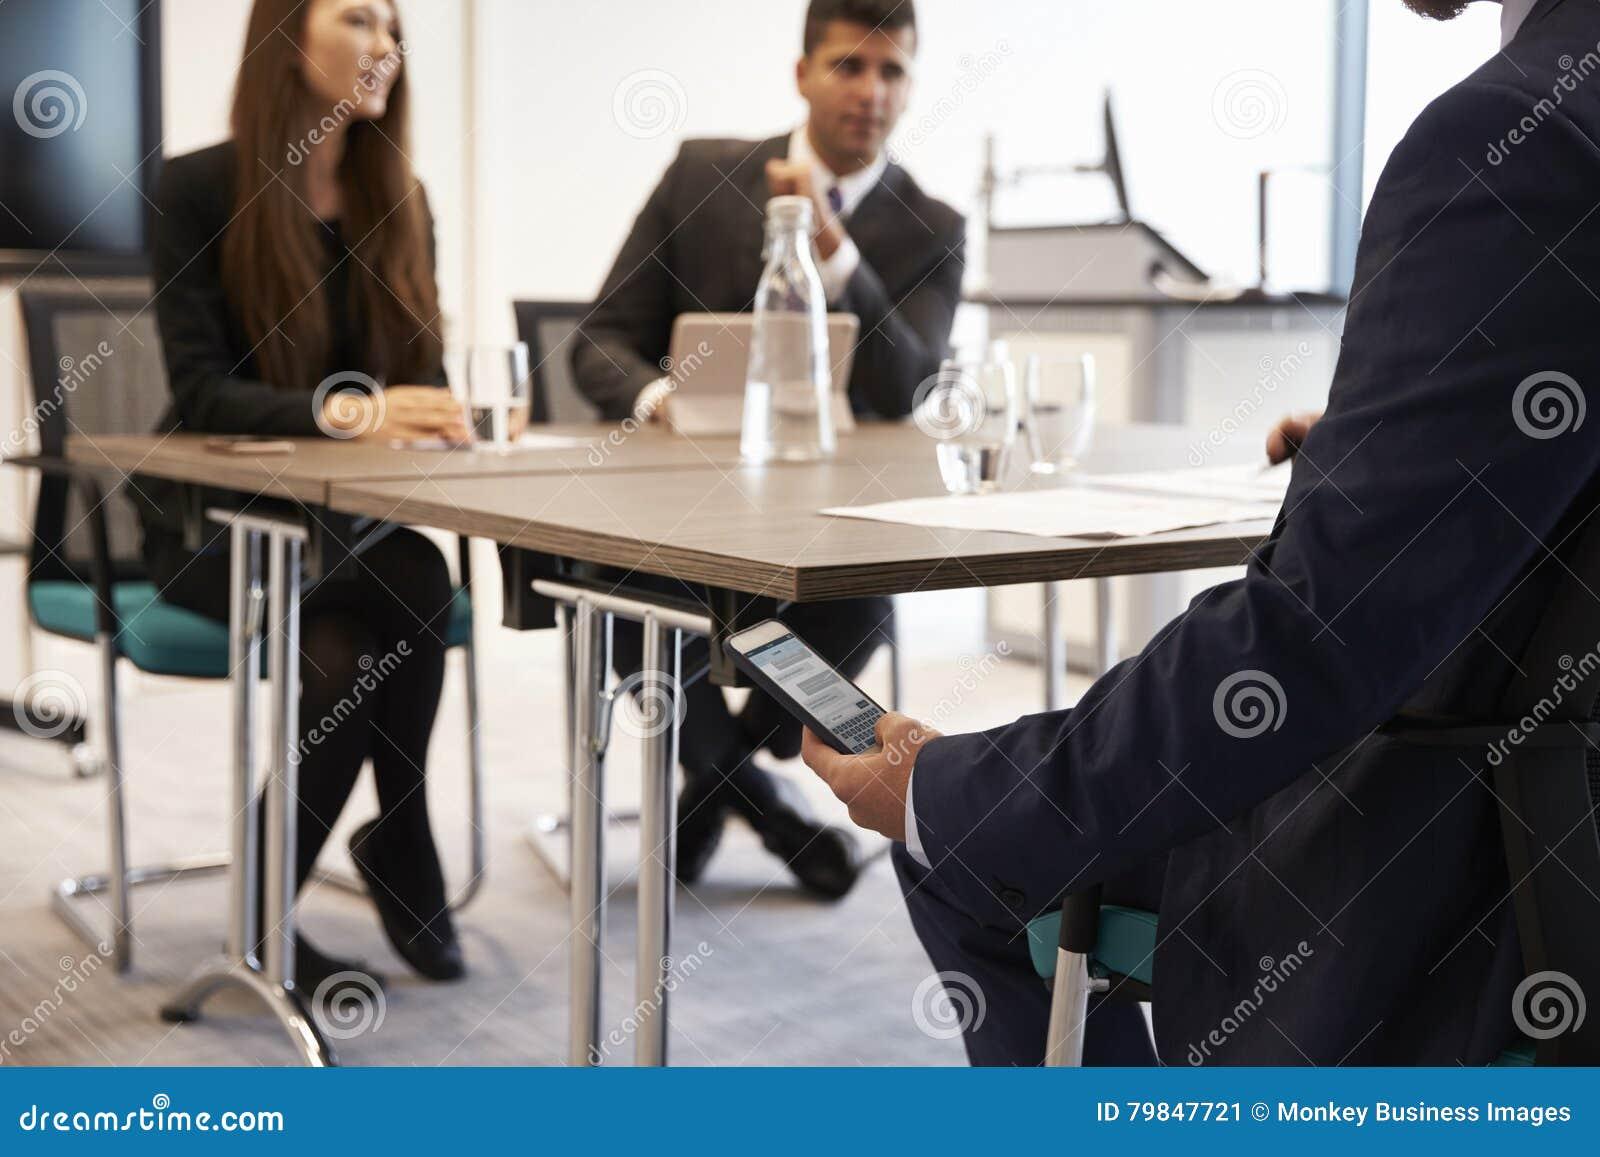 Mensagem de Discreetly Receiving Text do homem de negócios durante a reunião